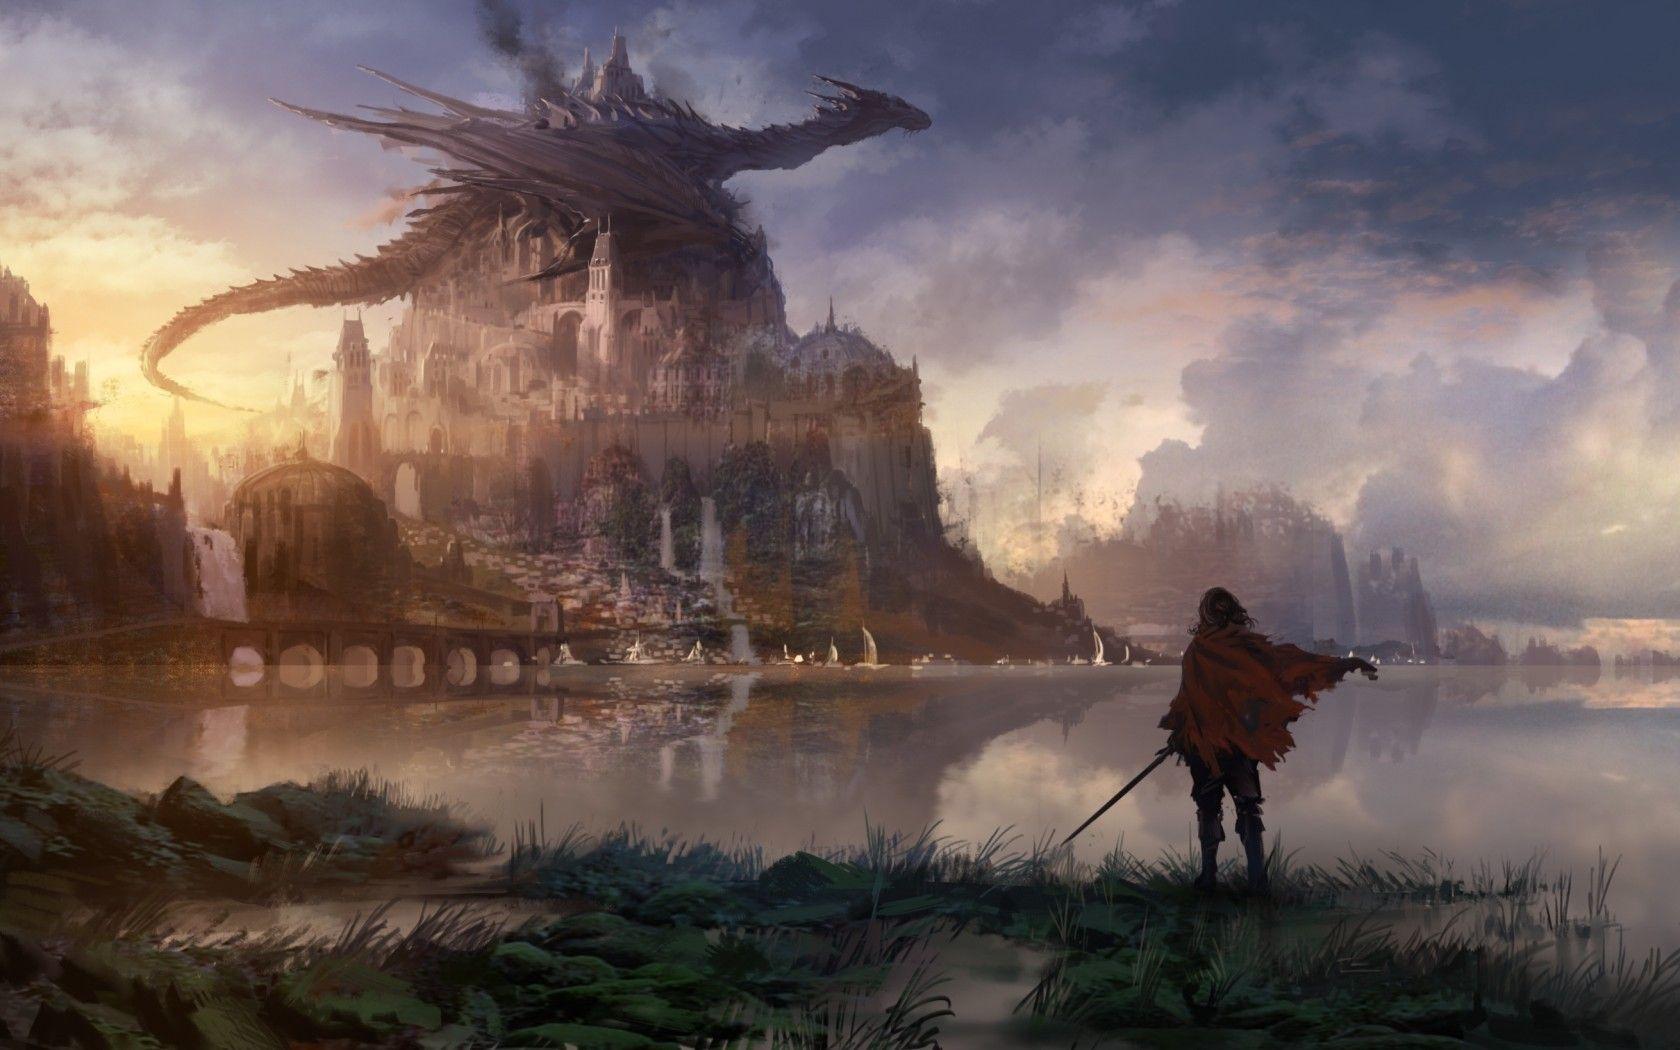 Download 1680x1050 Dragon, Castle, Knight, Red Cape